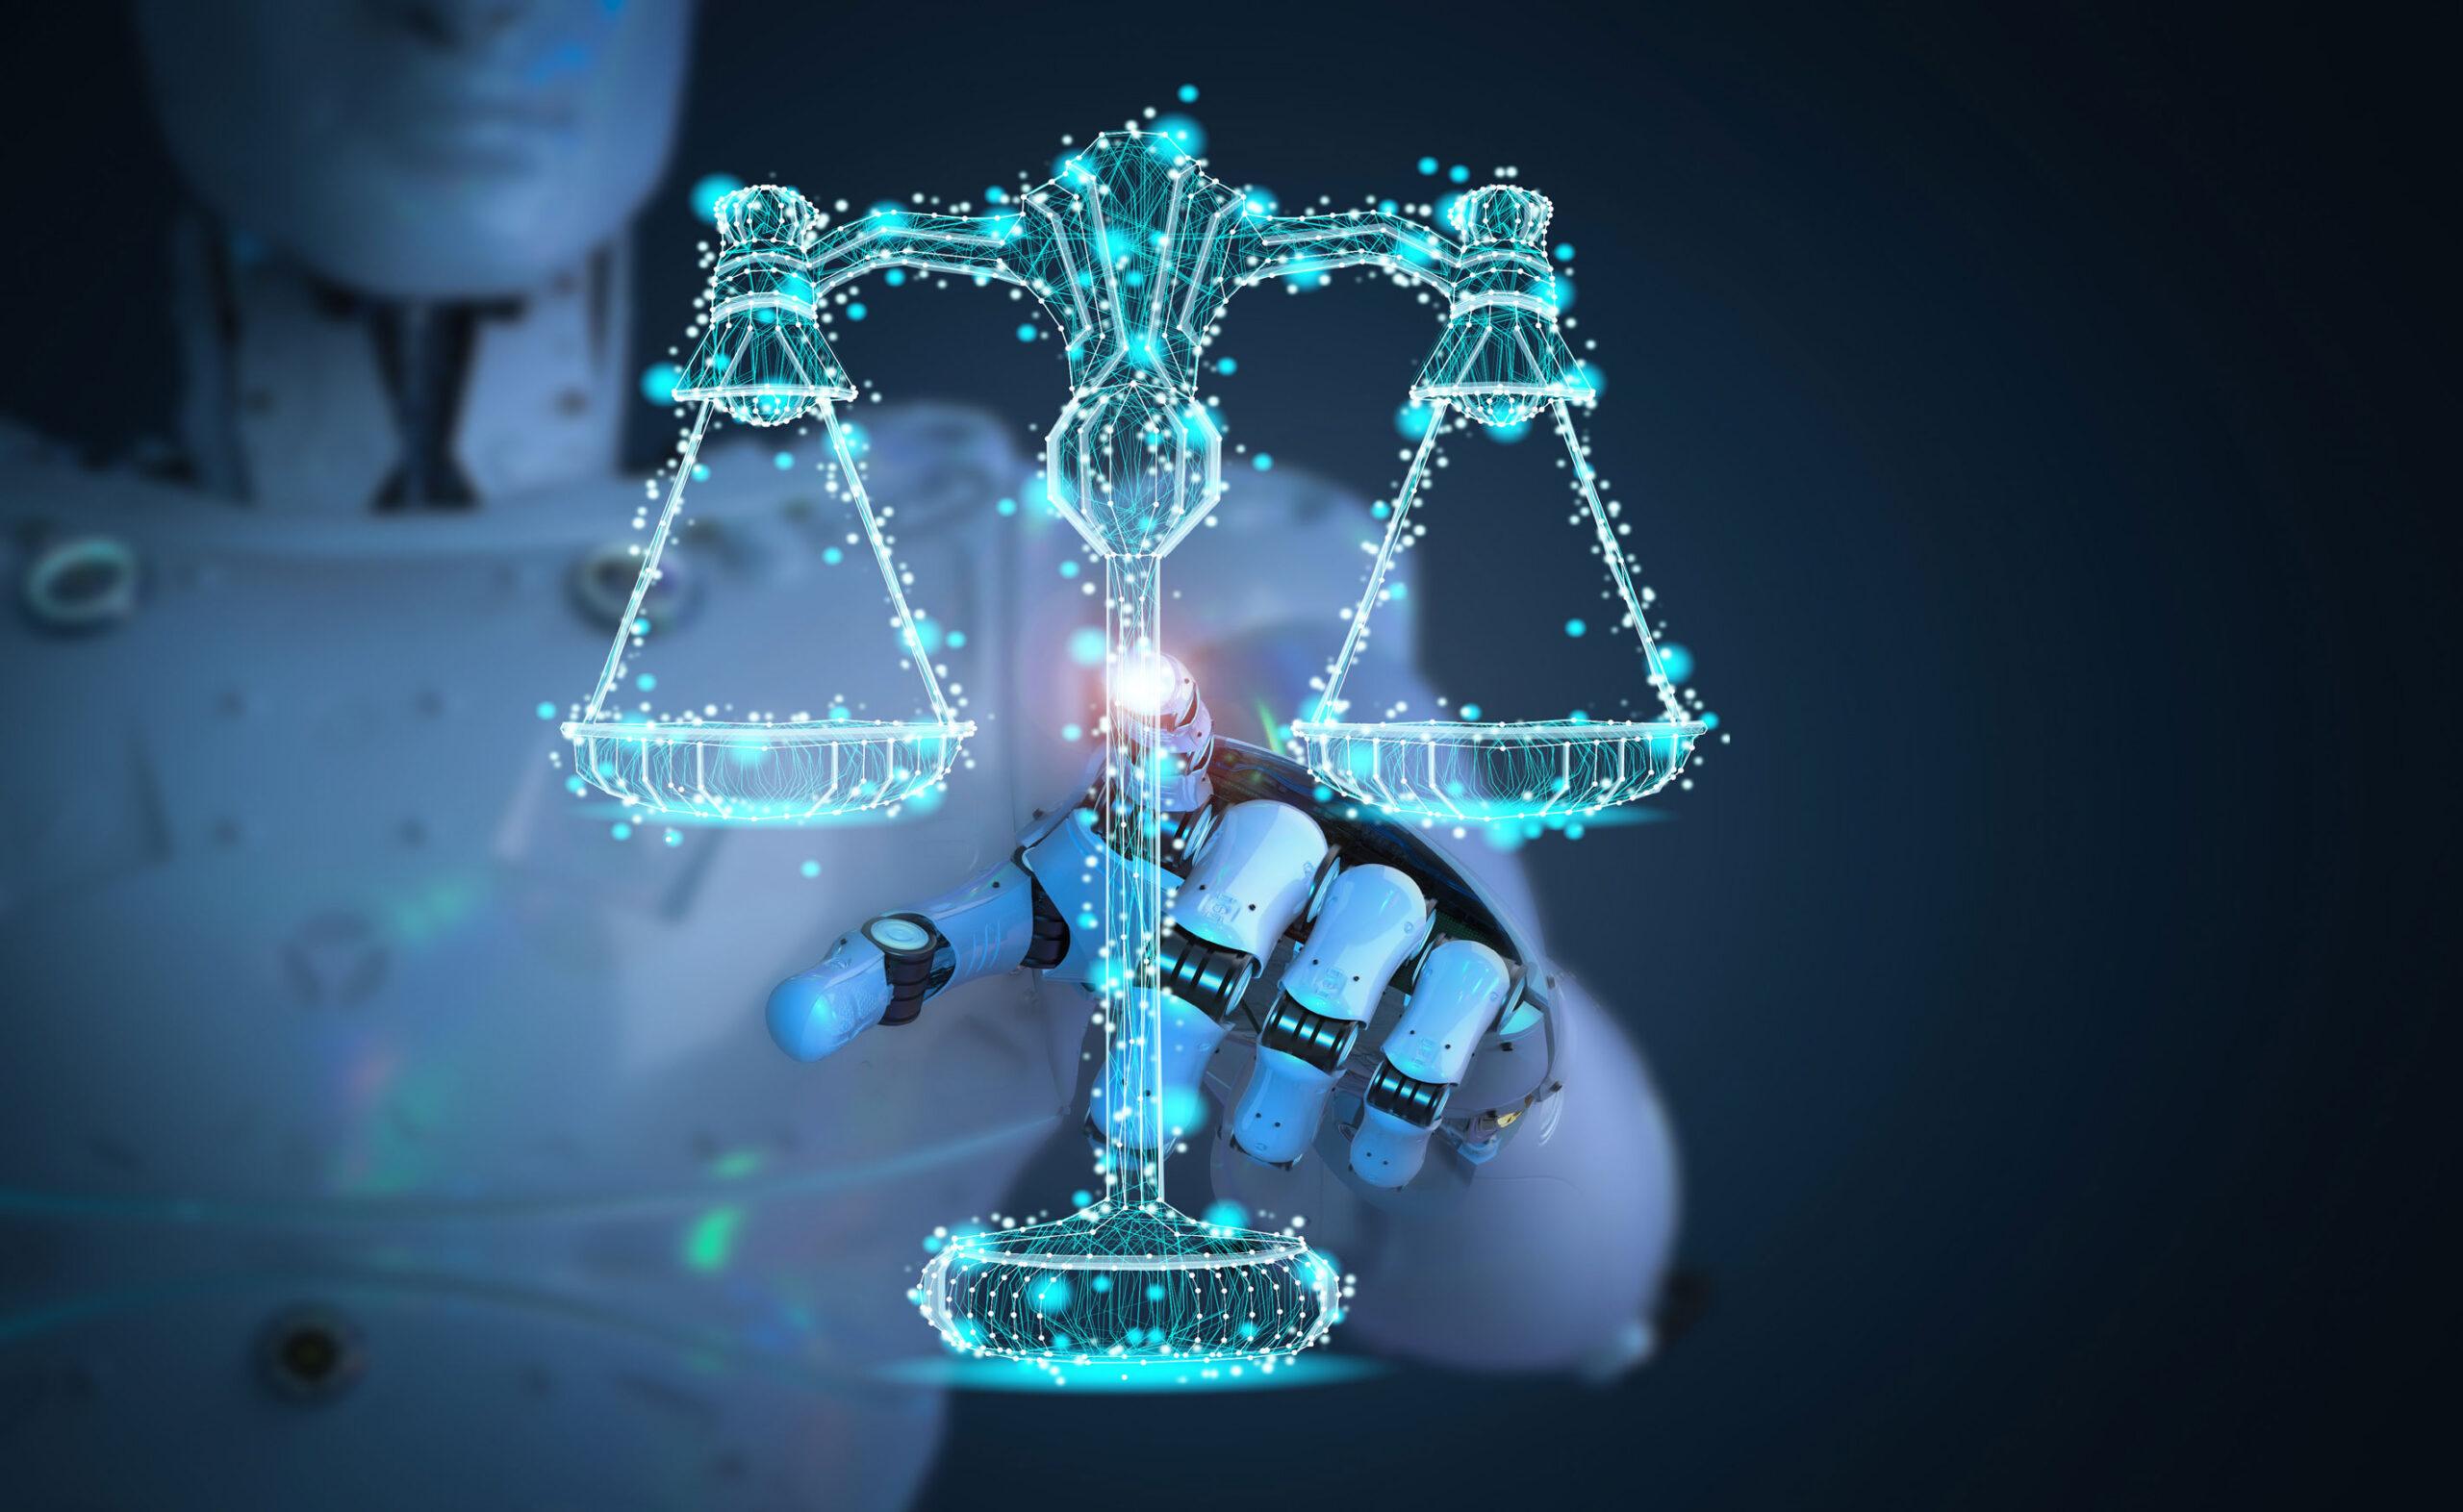 La tutela dei diritti umani e lo sviluppo dell'intelligenza artificiale